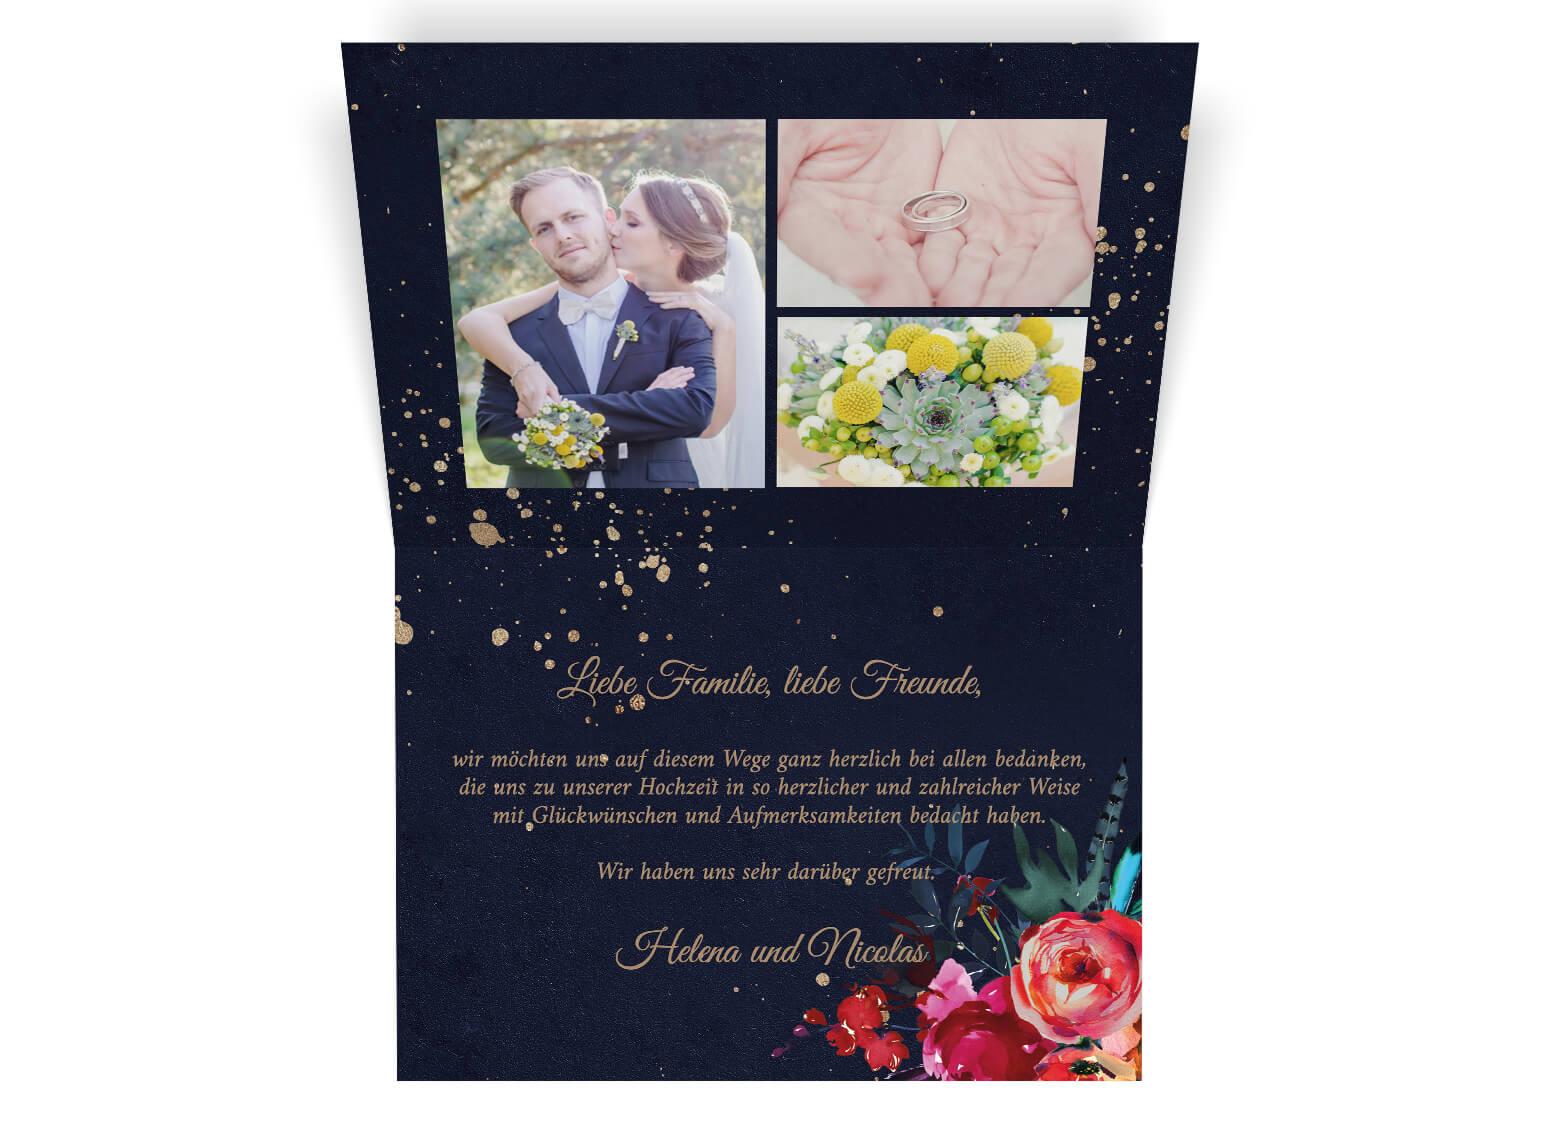 Romantische blumenverzierte Dankeskarte Hochzeit mit Fotos | Din A6 Klappkarte querformat